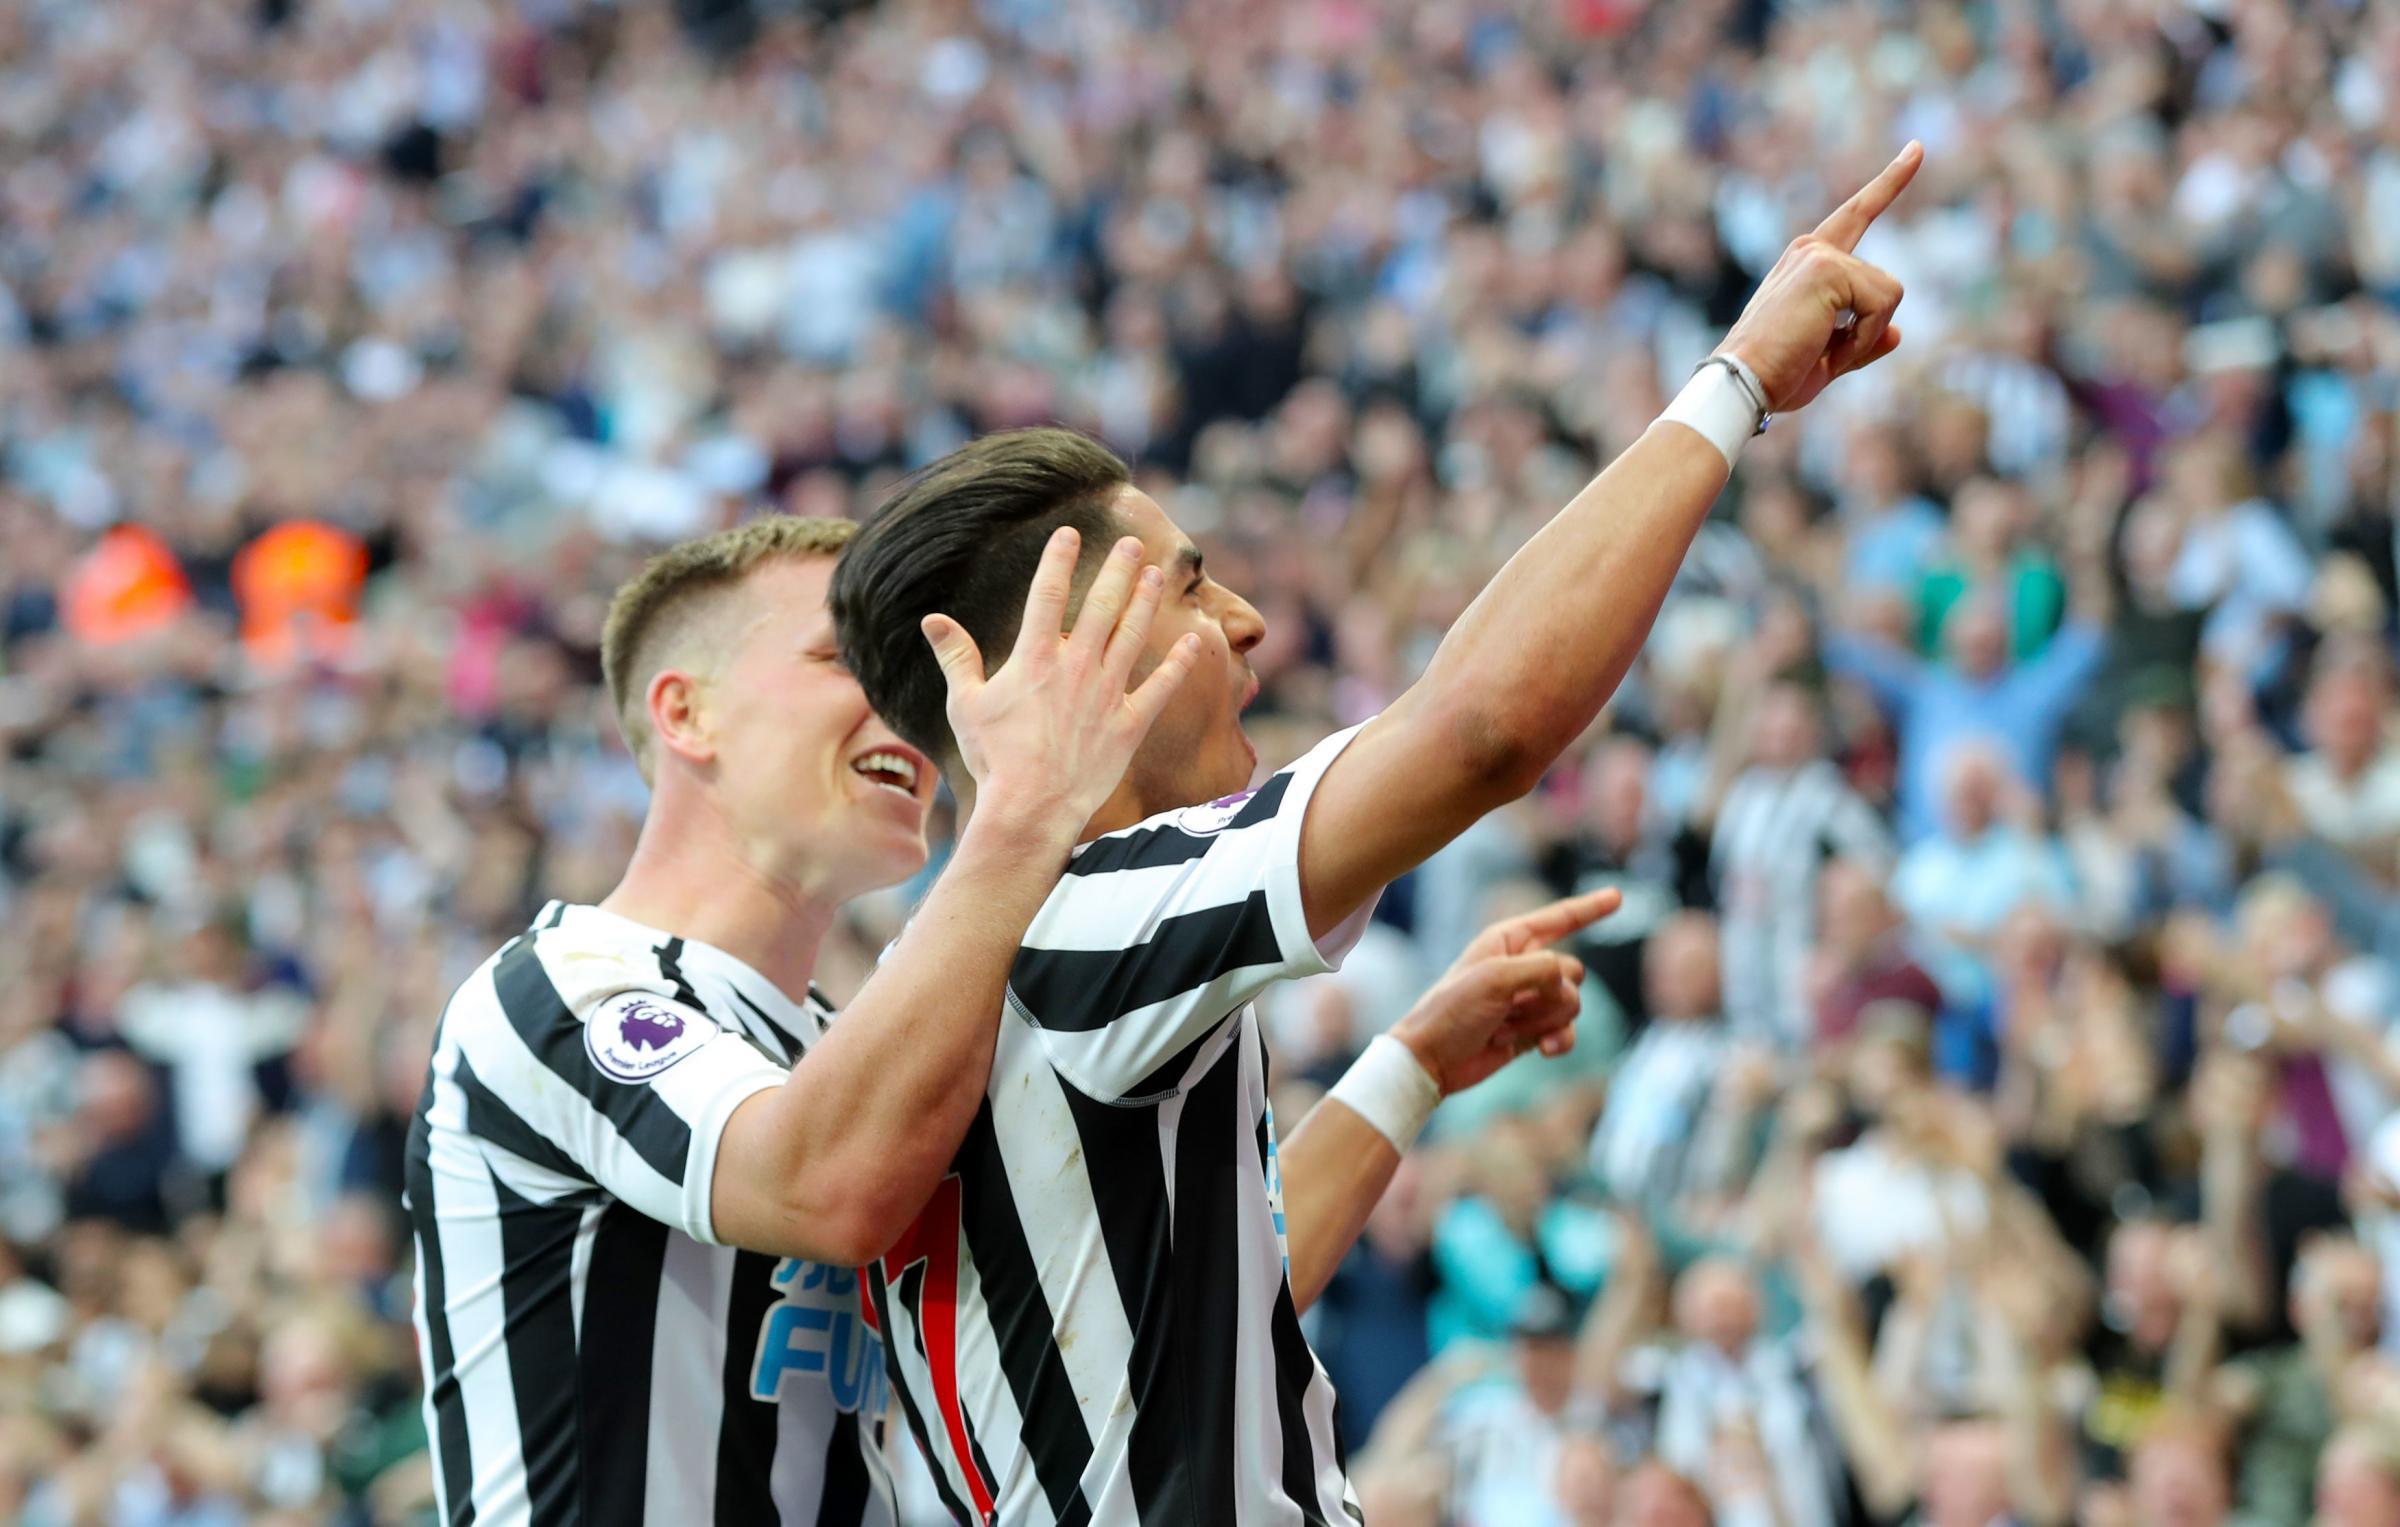 Newcastle 3-1 Southampton: Lemina scores but Perez sinks Saints